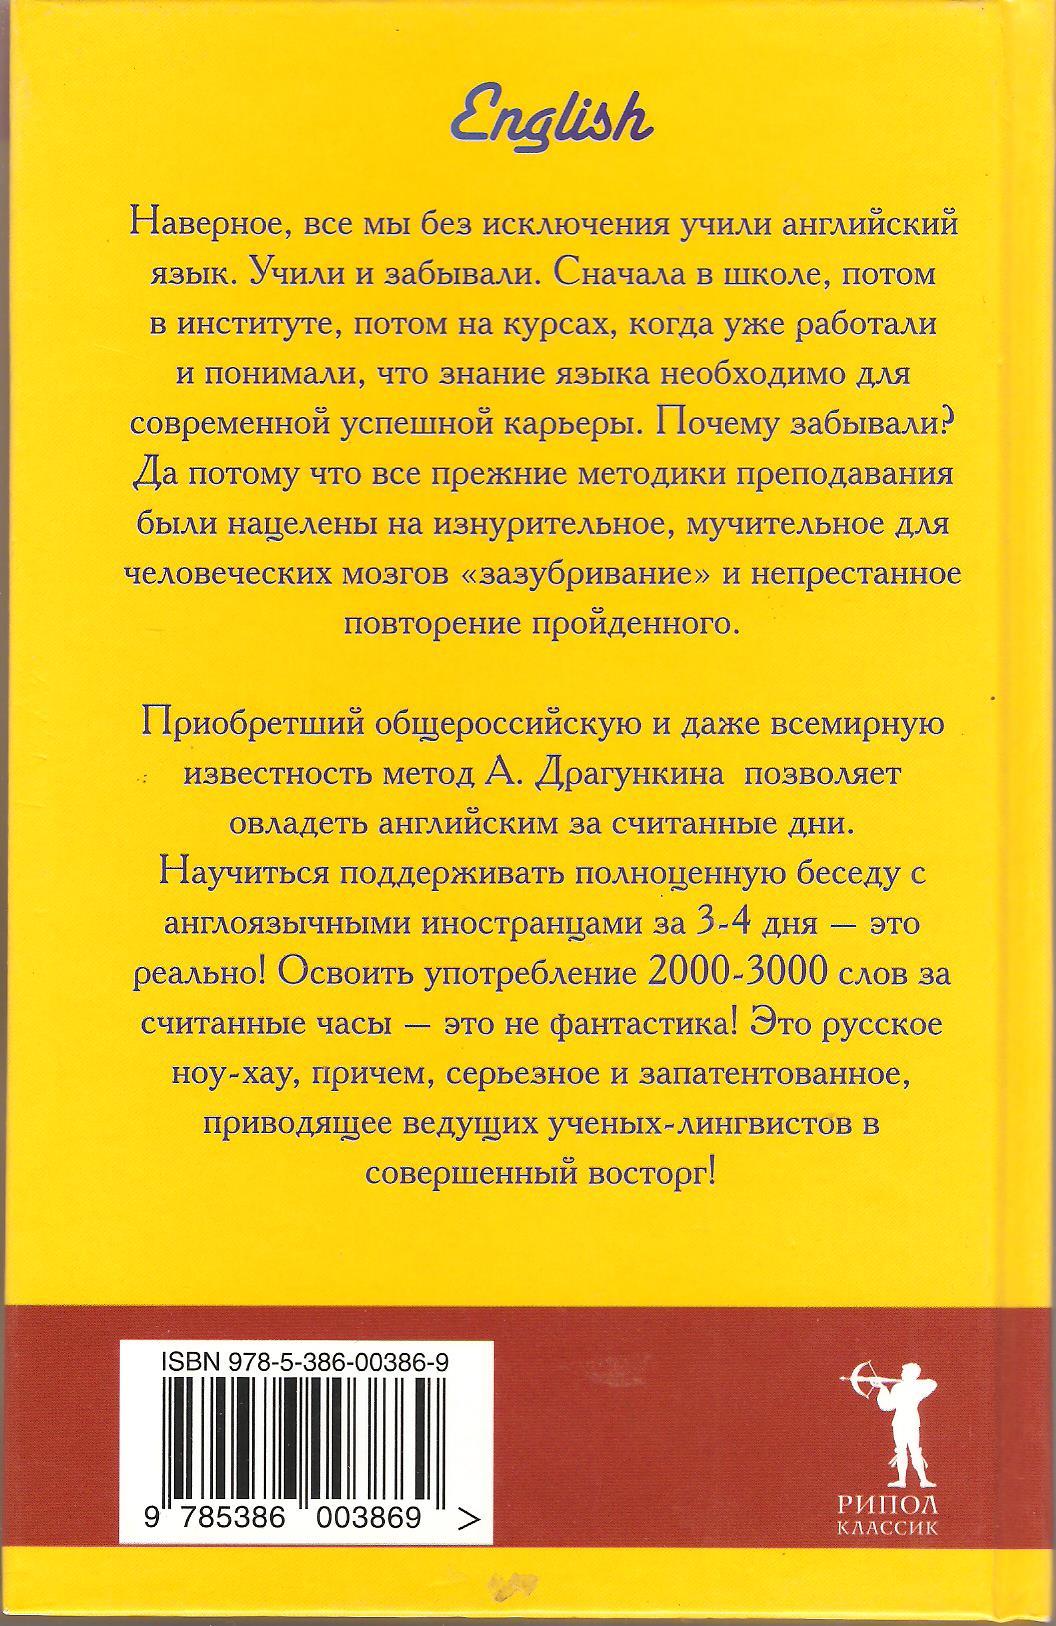 А. Драгункин. Английский язык 002.jpg